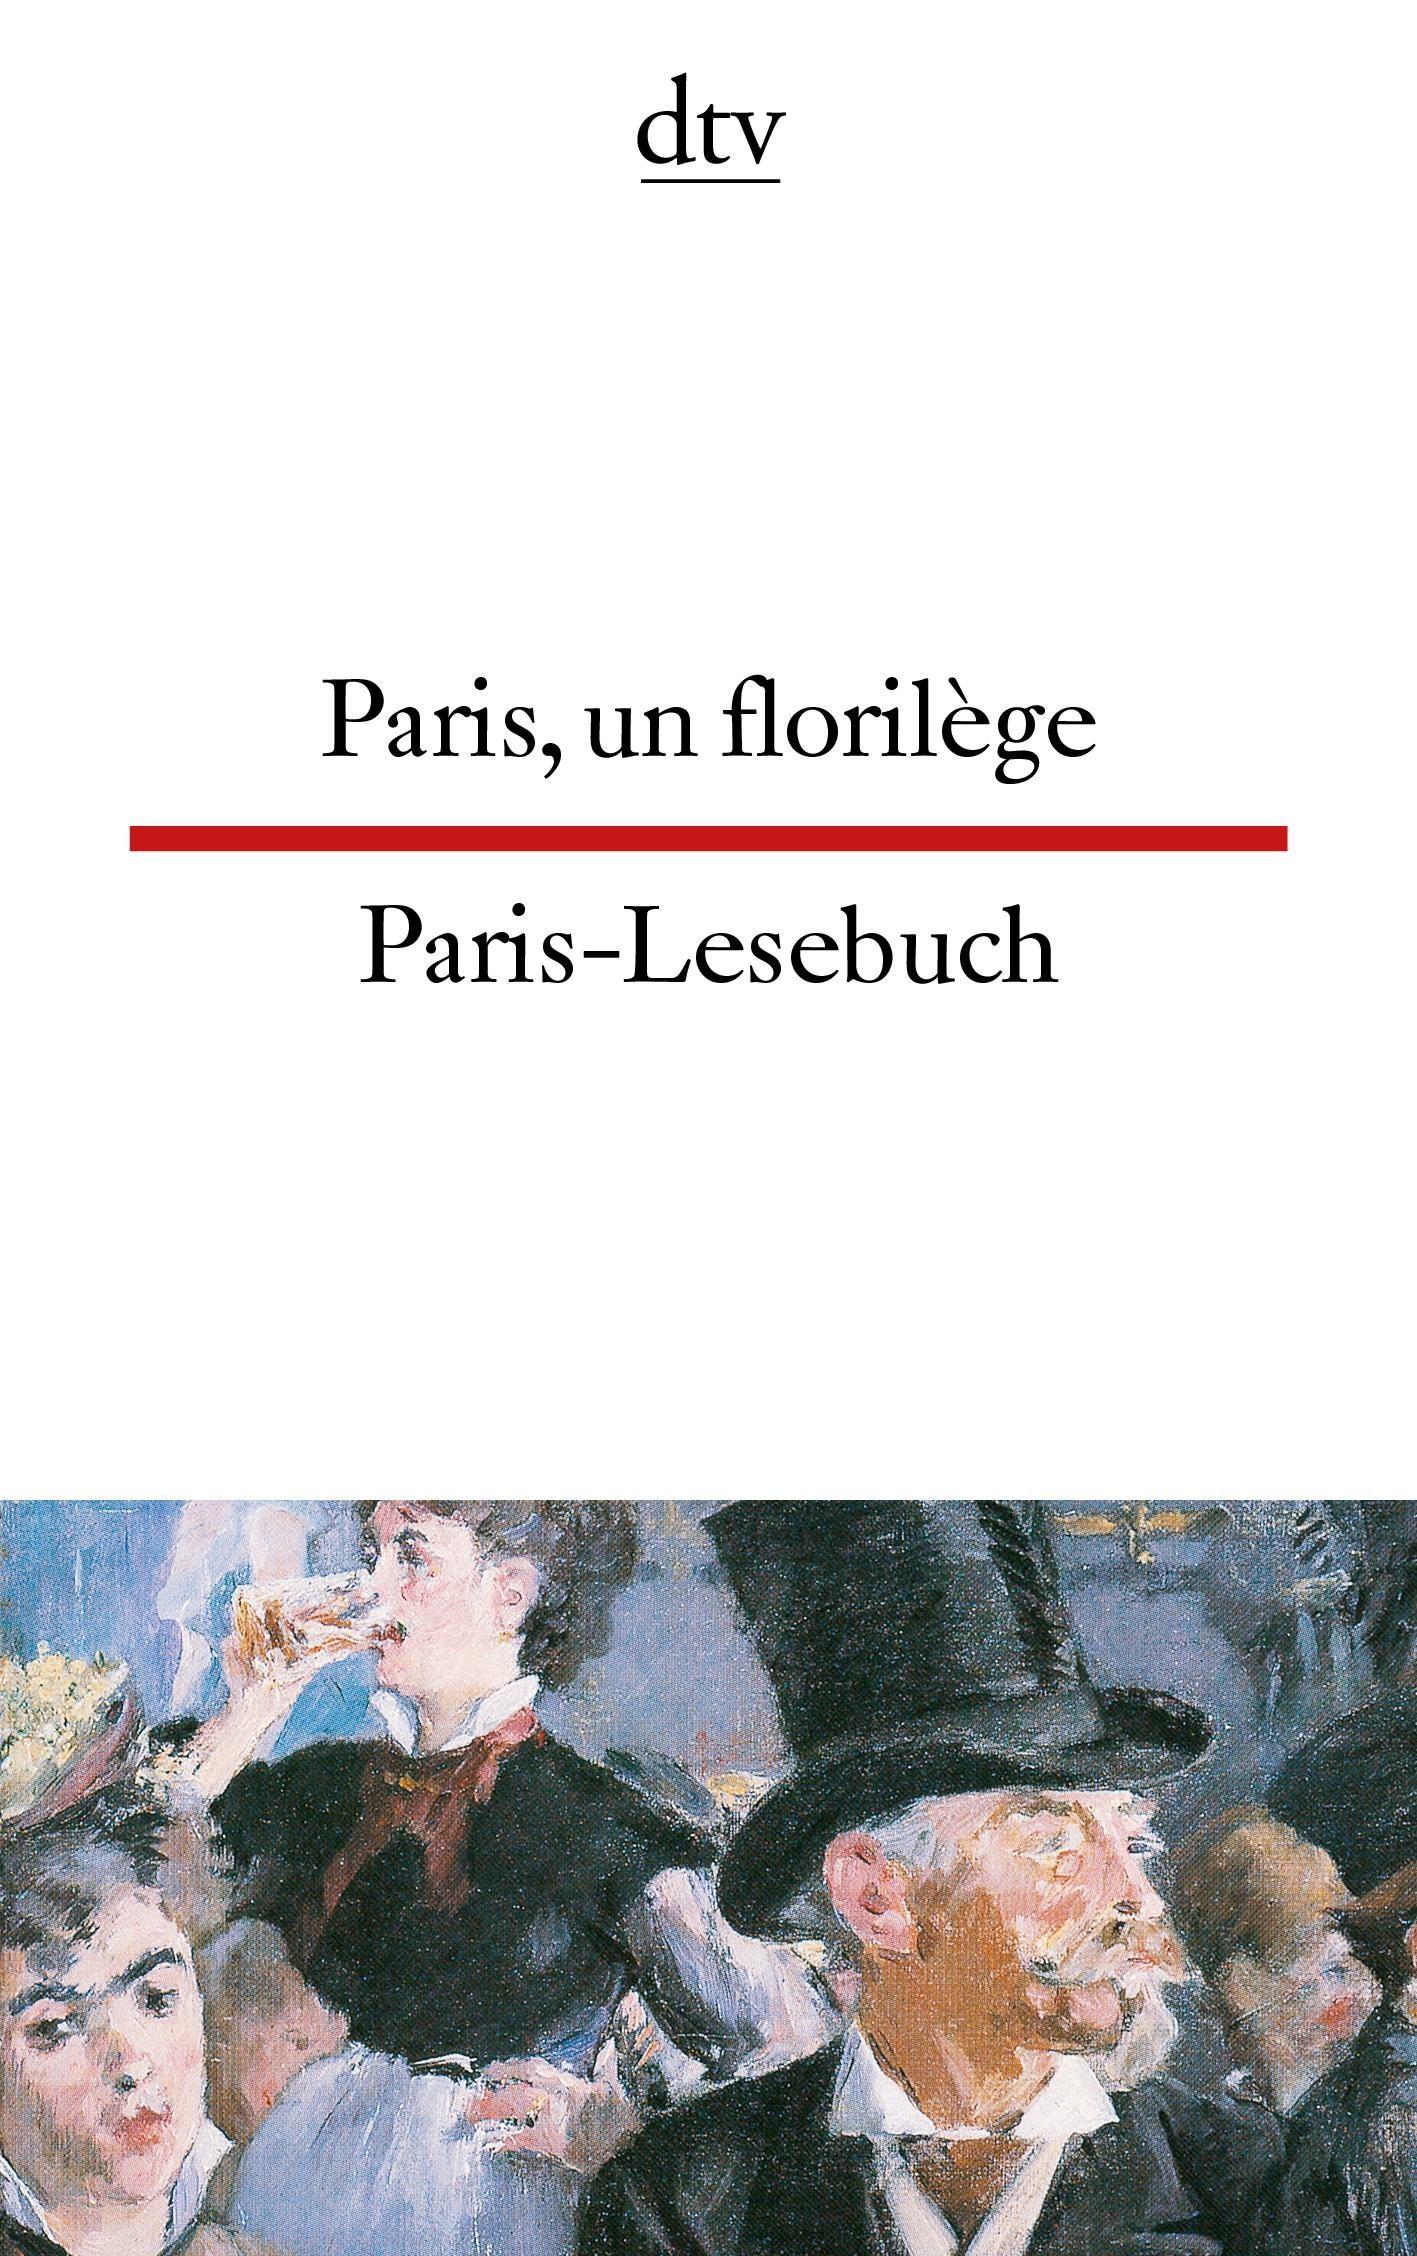 Paris-Lesebuch / Paris, un florilege